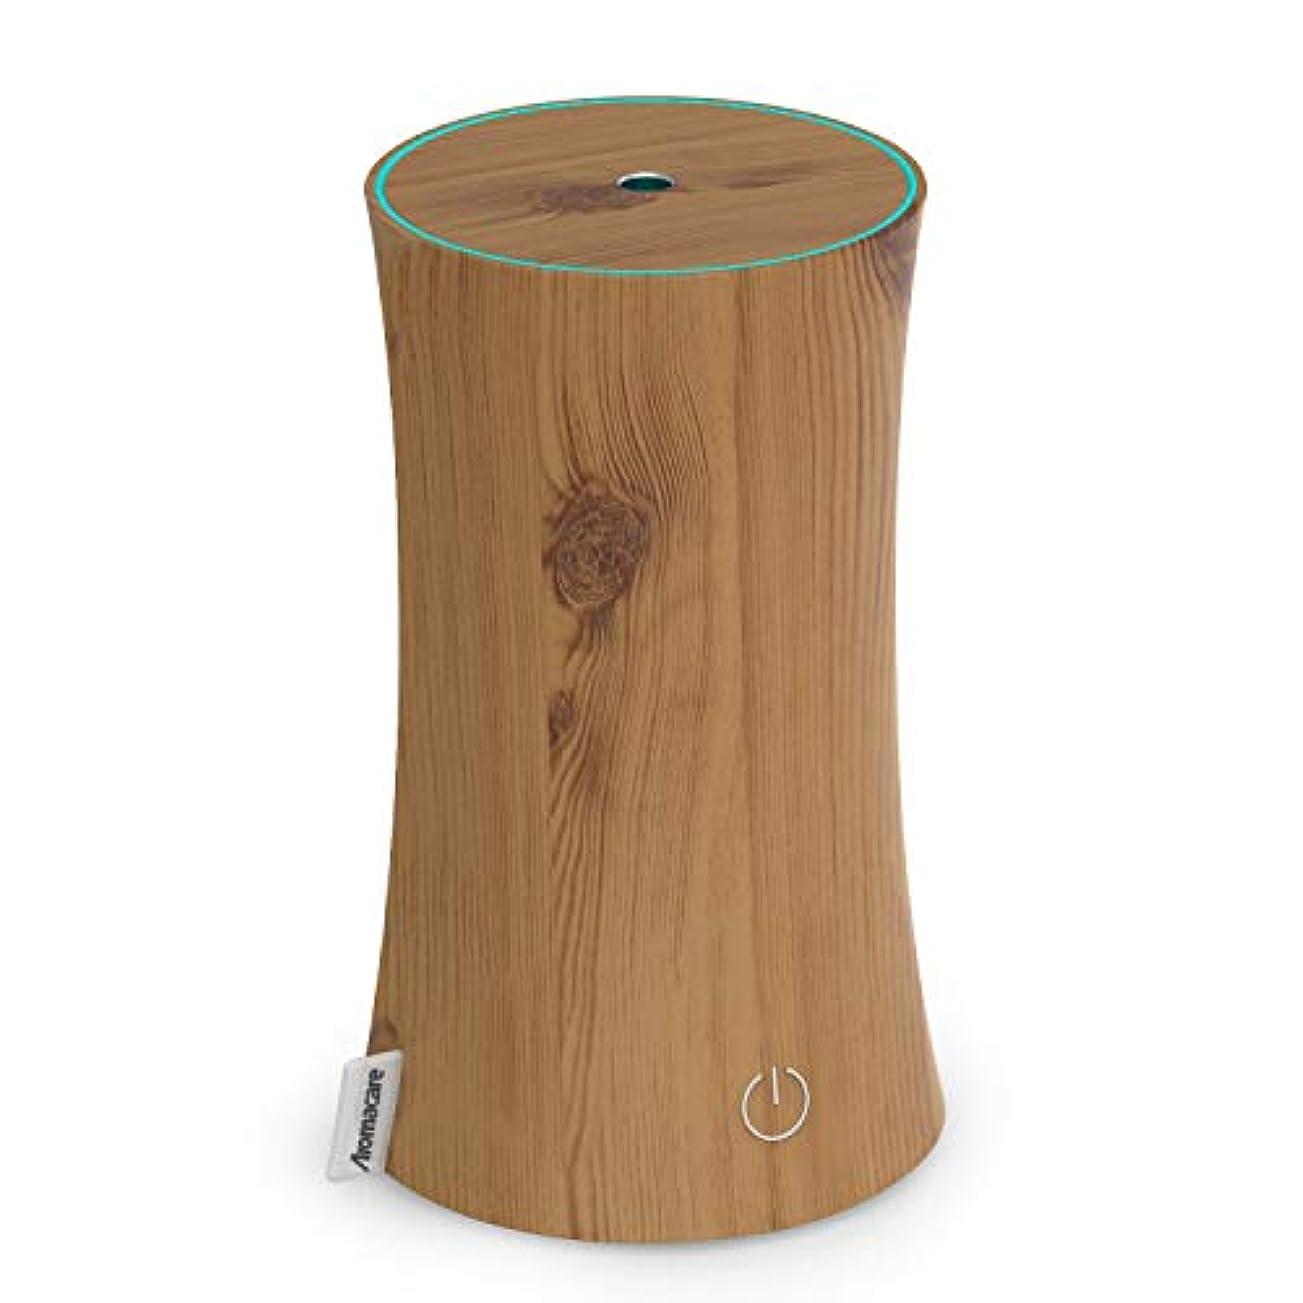 スペイン語気晴らし仕事アロマディフューザー 卓上加湿器 センサー付き 超音波式 空焚き防止 低騒音 300ml 連続運転 各場所用 省エネ 木目調 木の色